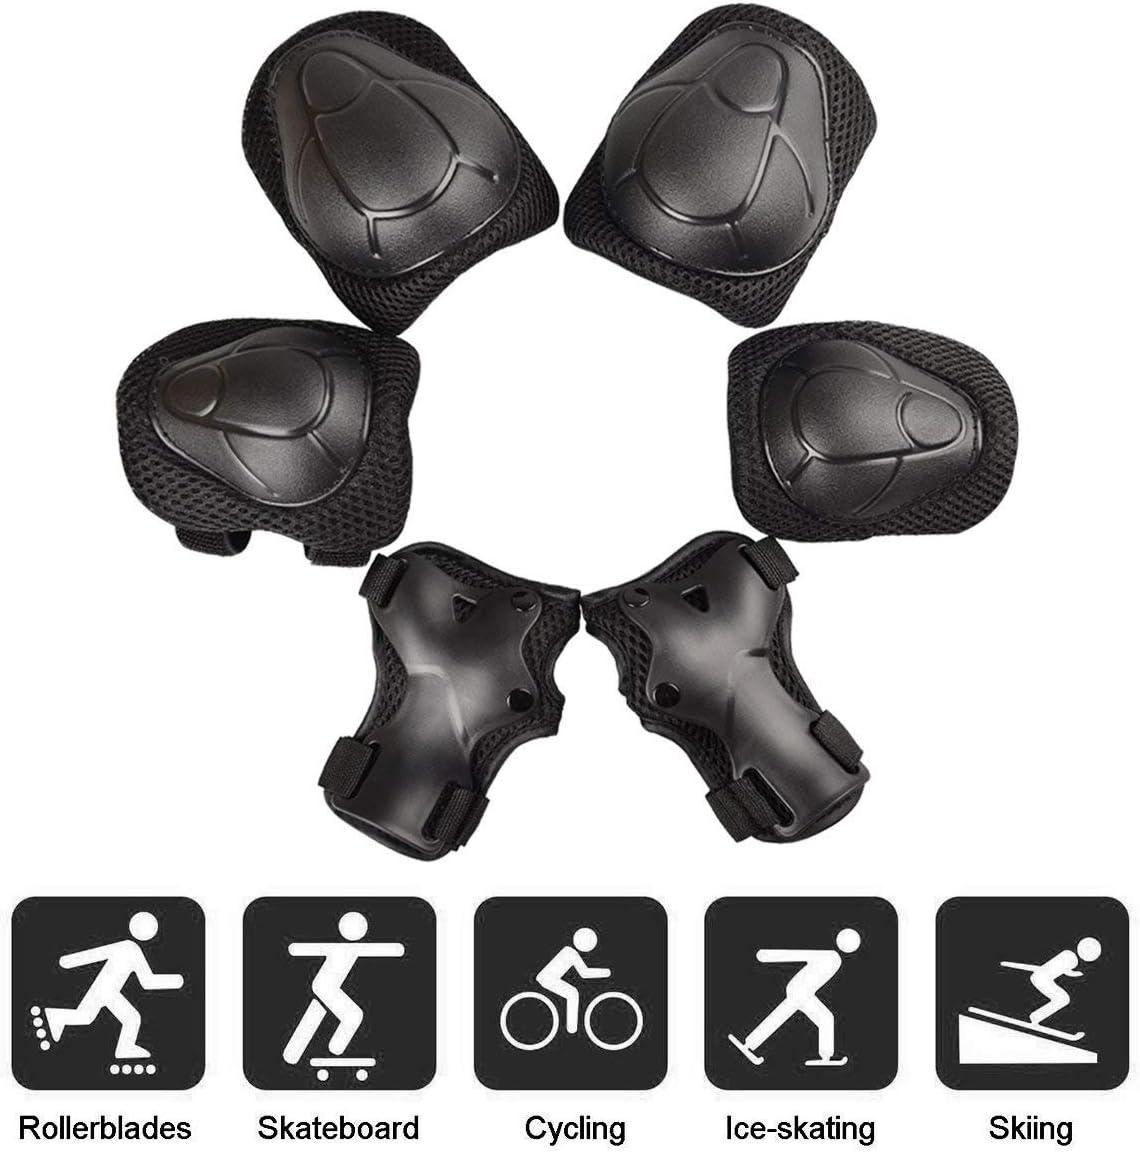 ZARRS Enfant Set de 6 Protections,Ensemble de Protection Enfants Genouill/ères,Coudi/ères,Prot/ège-Poignets pour Skateboard Roller Cyclisme Bicyclette